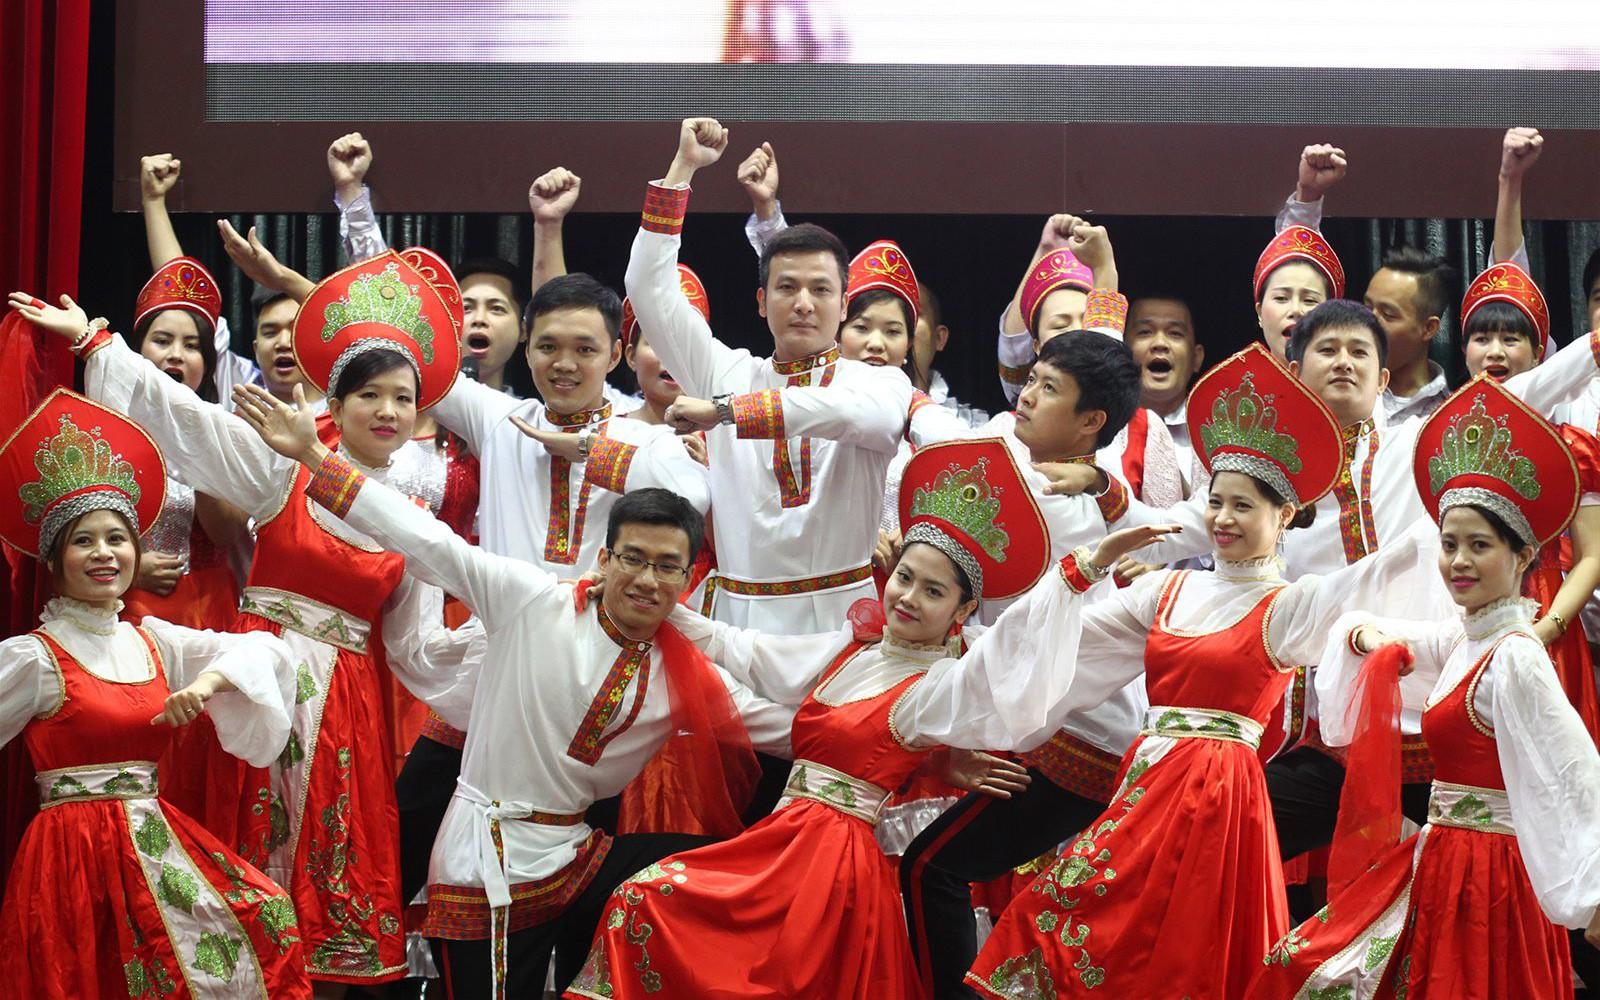 Liên hoan Nghệ thuật quần chúng Công đoàn Bộ Văn hóa, Thể thao và Du lịch lần thứ VIII